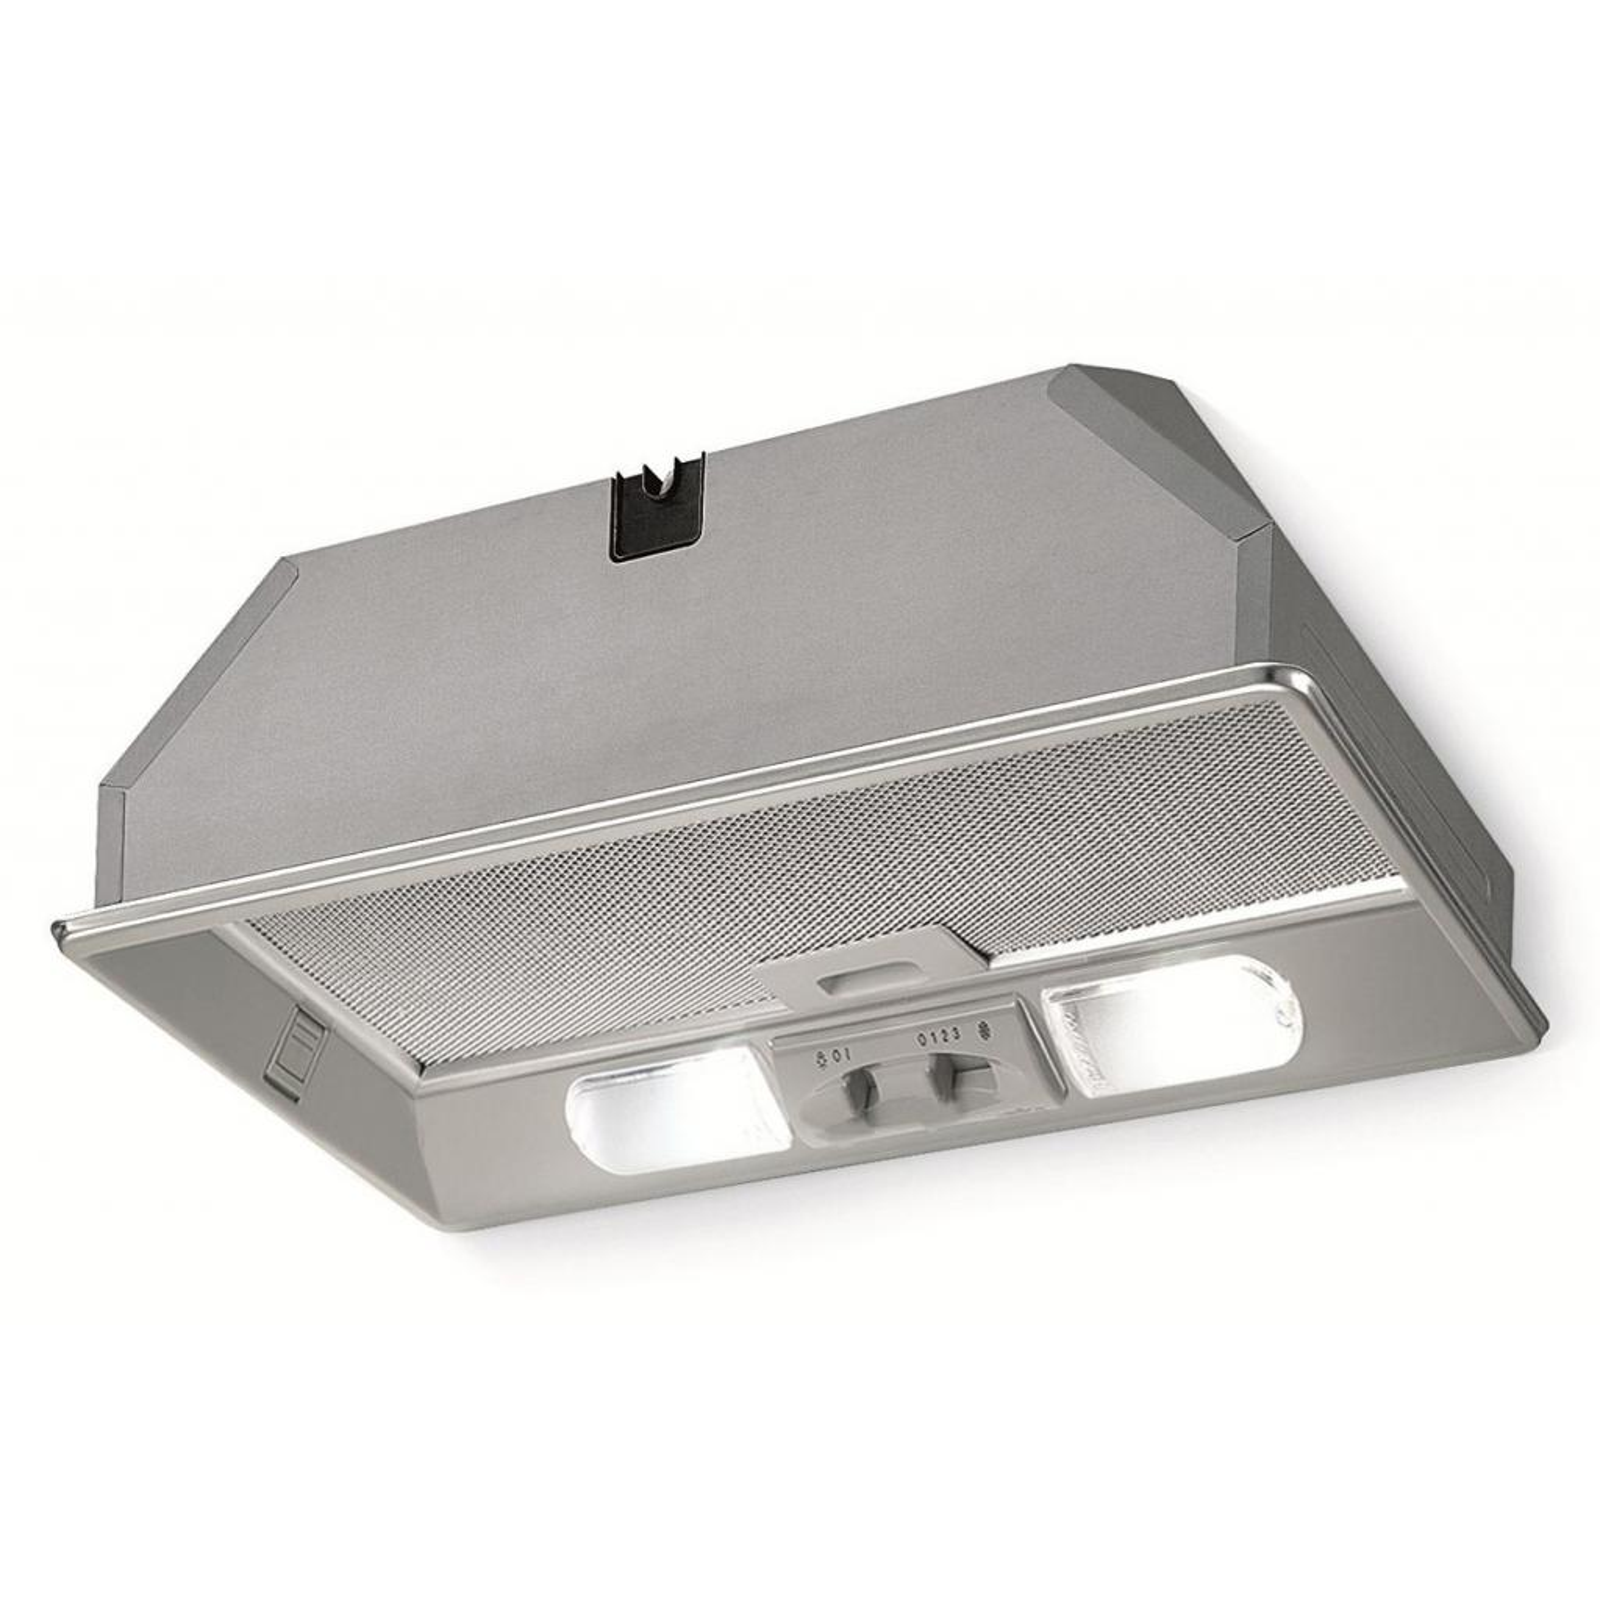 Вытяжка кухонная ELICA ELIBLOC 9 2M F/60 GREY / 9LX SILVER\F\60